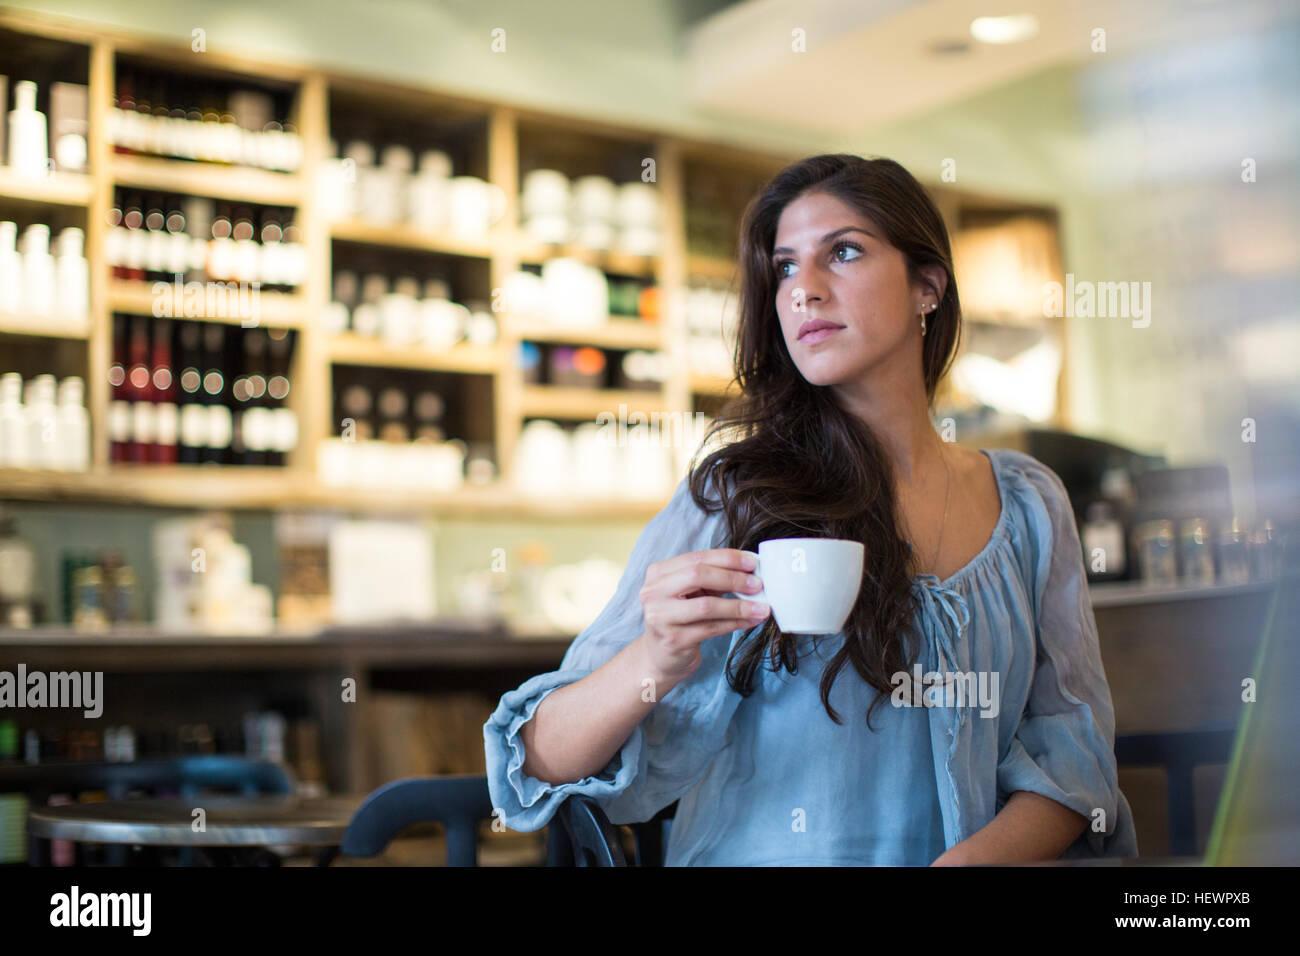 Mujer joven sentada en el café mirando lateralmente Imagen De Stock